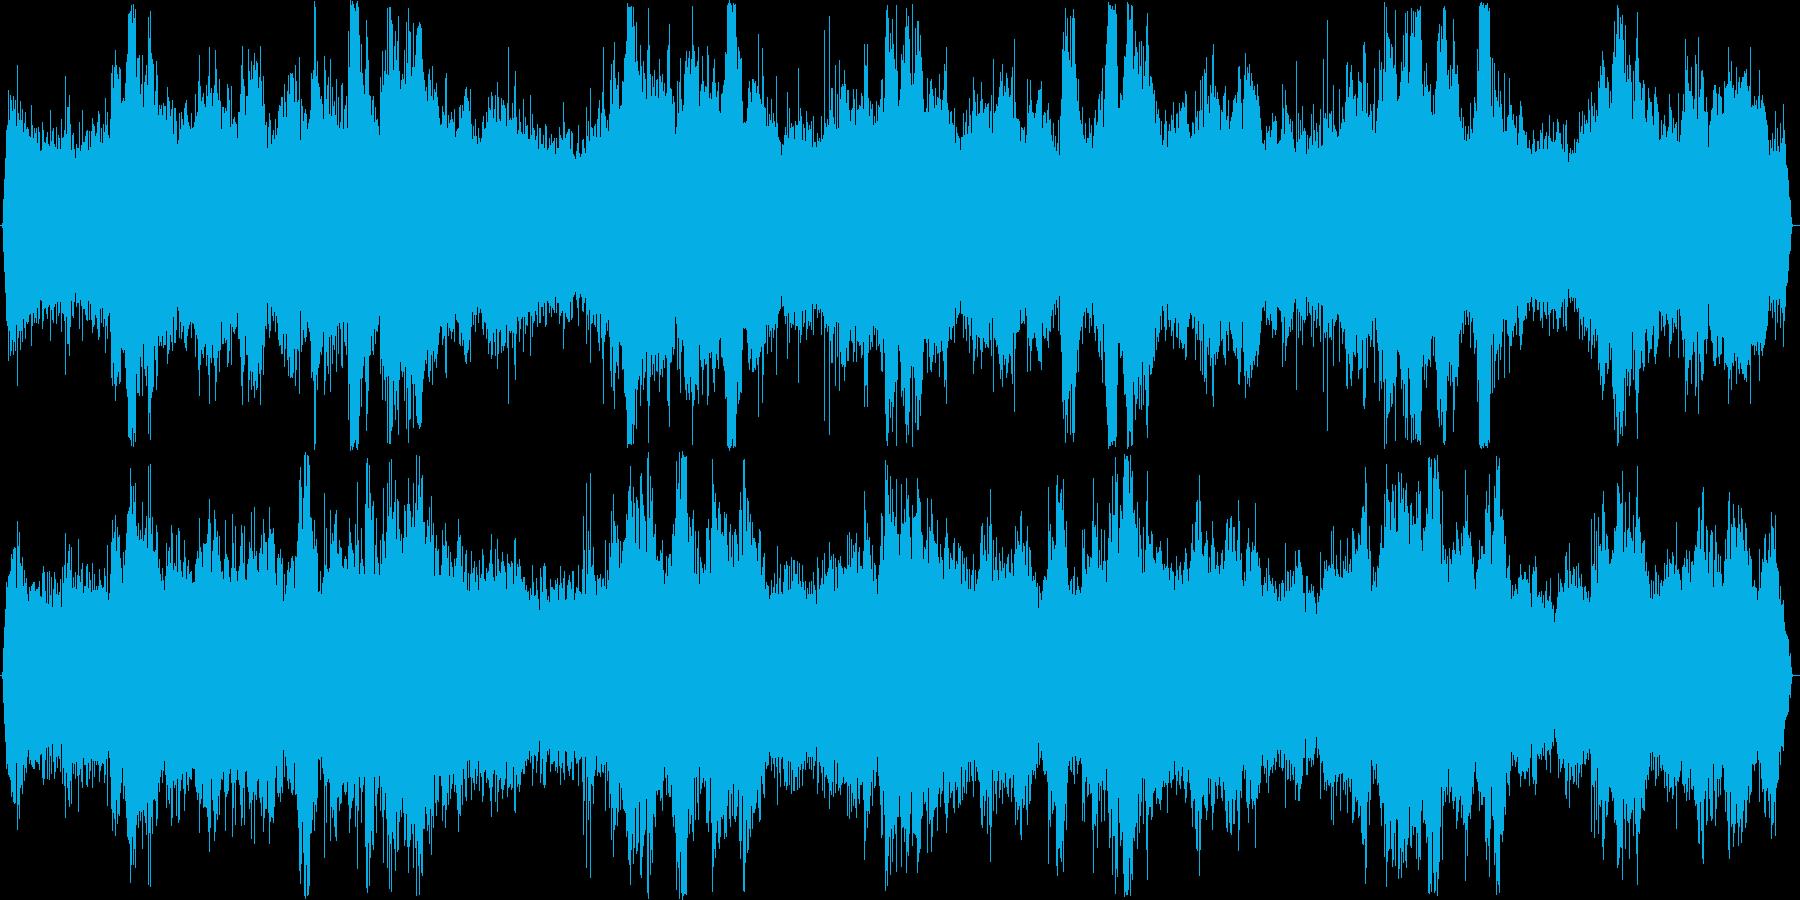 スピーカーからの再生に特化した、疑似立…の再生済みの波形